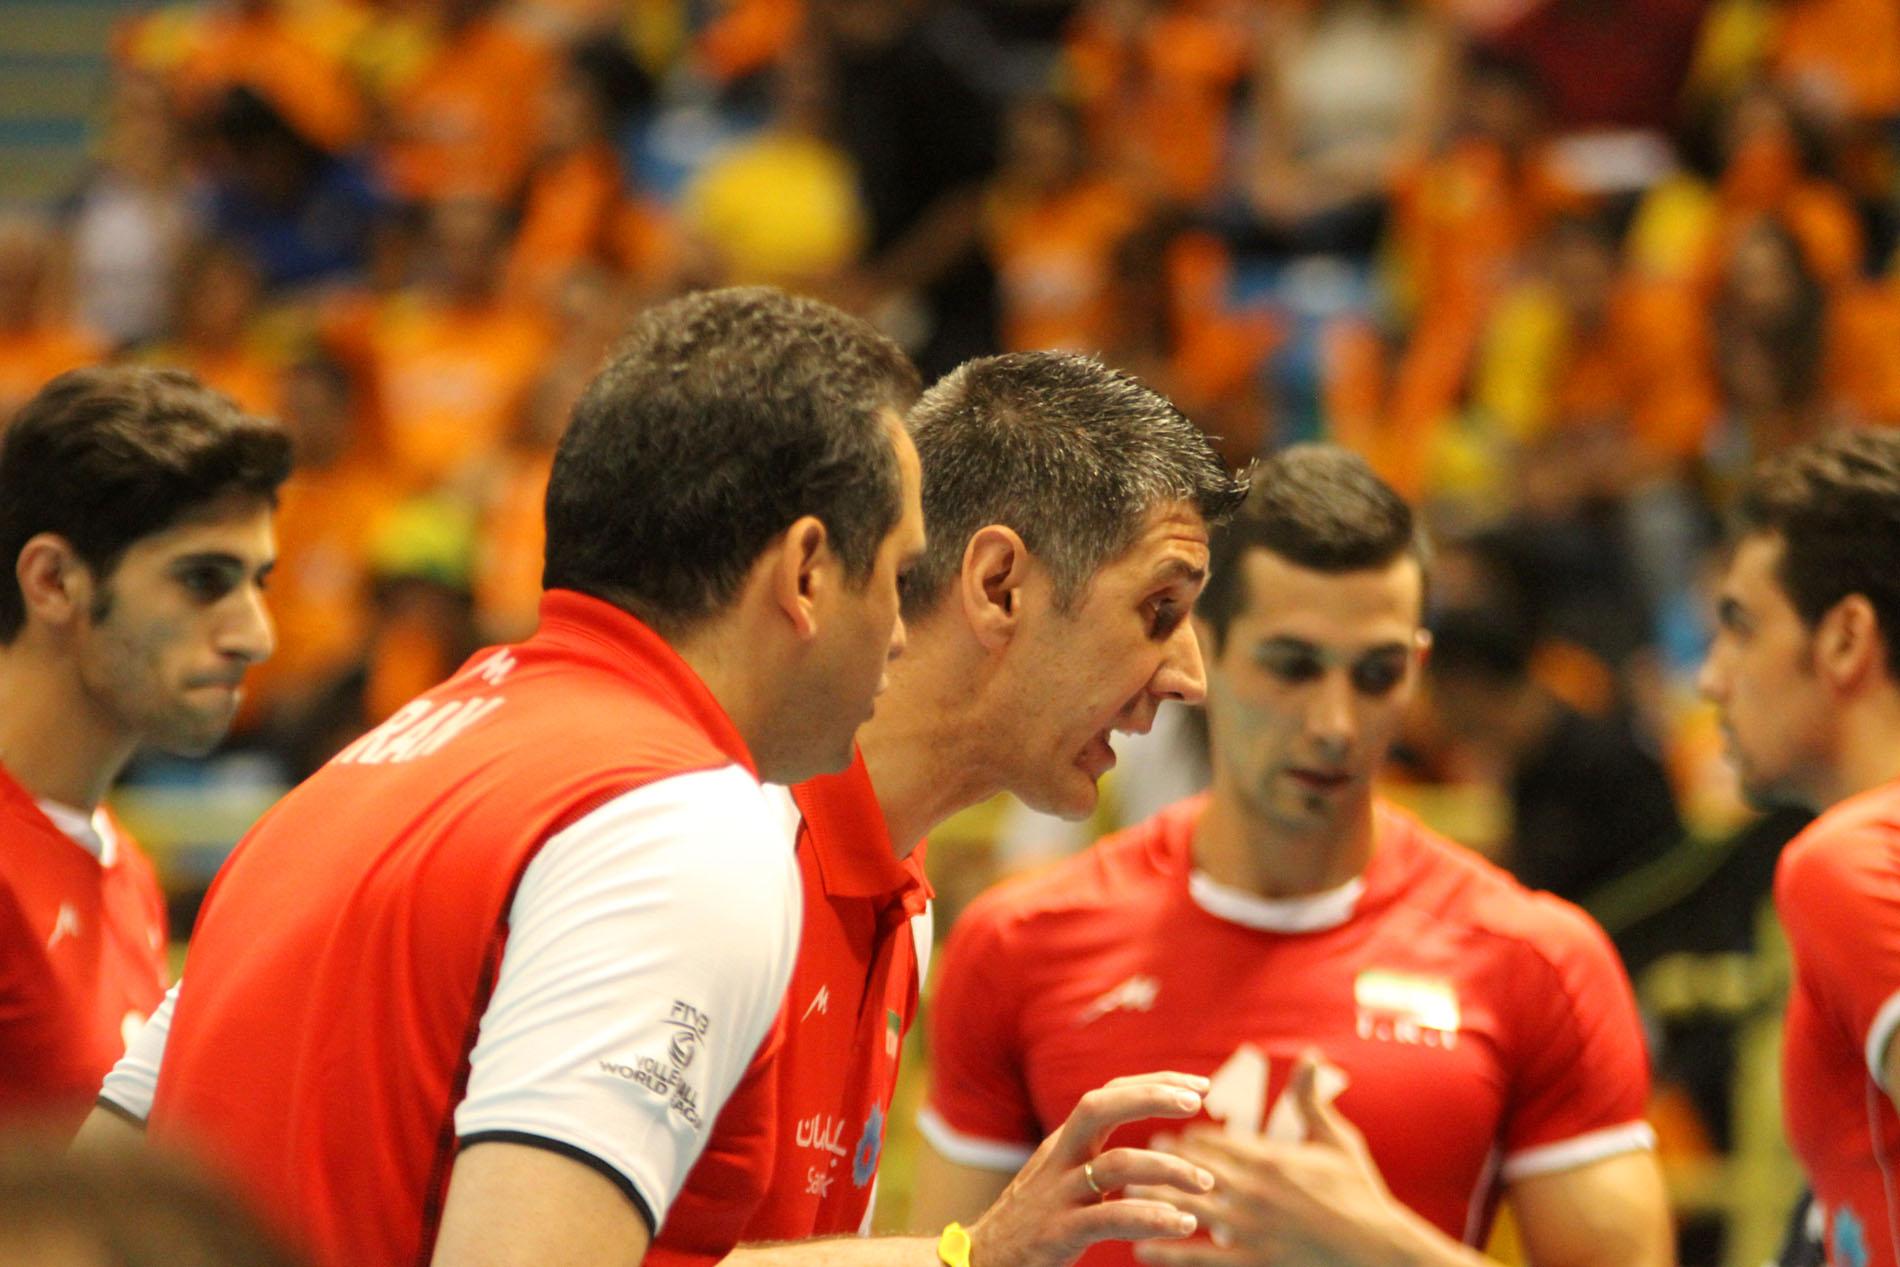 پخش مستقیم والیبال؛ دومین رویارویی ایران و برزیل